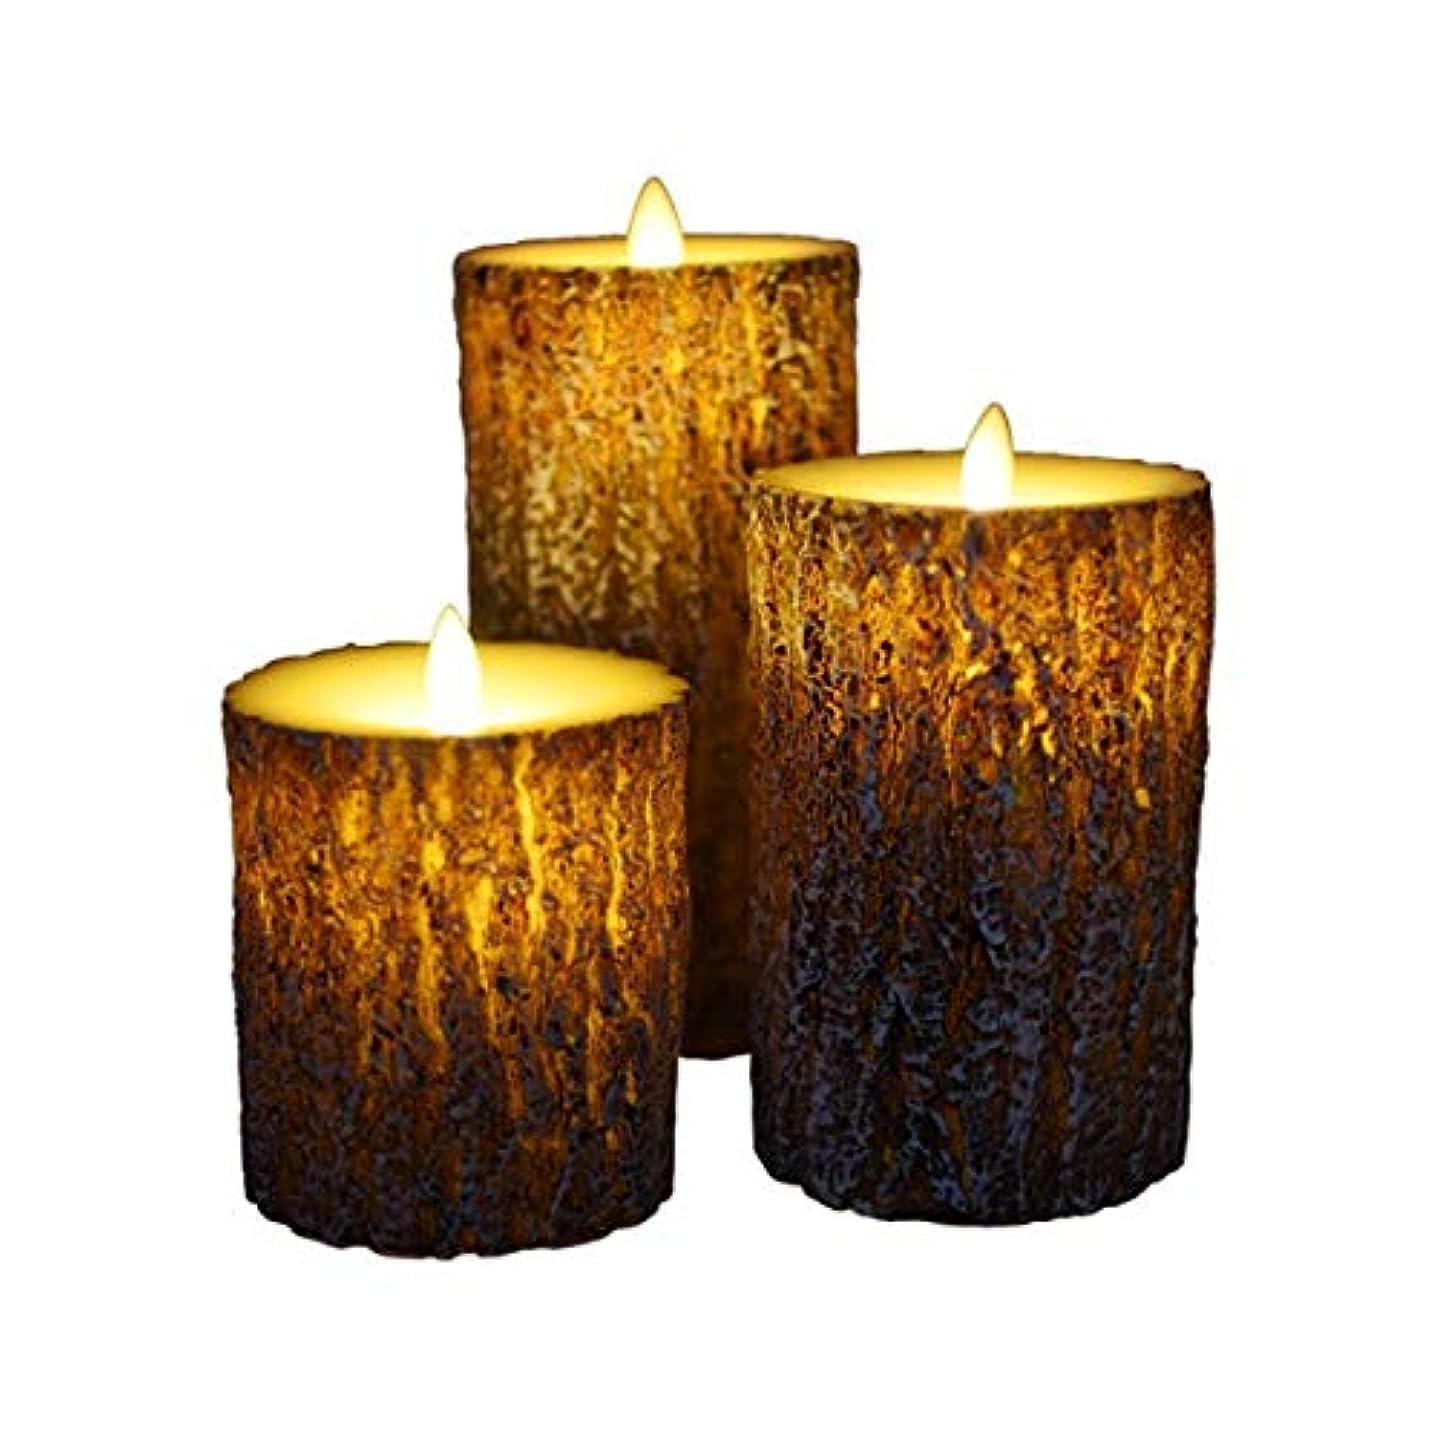 縁瞑想的ジャンピングジャックフレームレスキャンドルちらつきLED炎、松の樹皮の外観バッテリー駆動、パーティーウェディングデコレーション(3パック),8.5X15cm